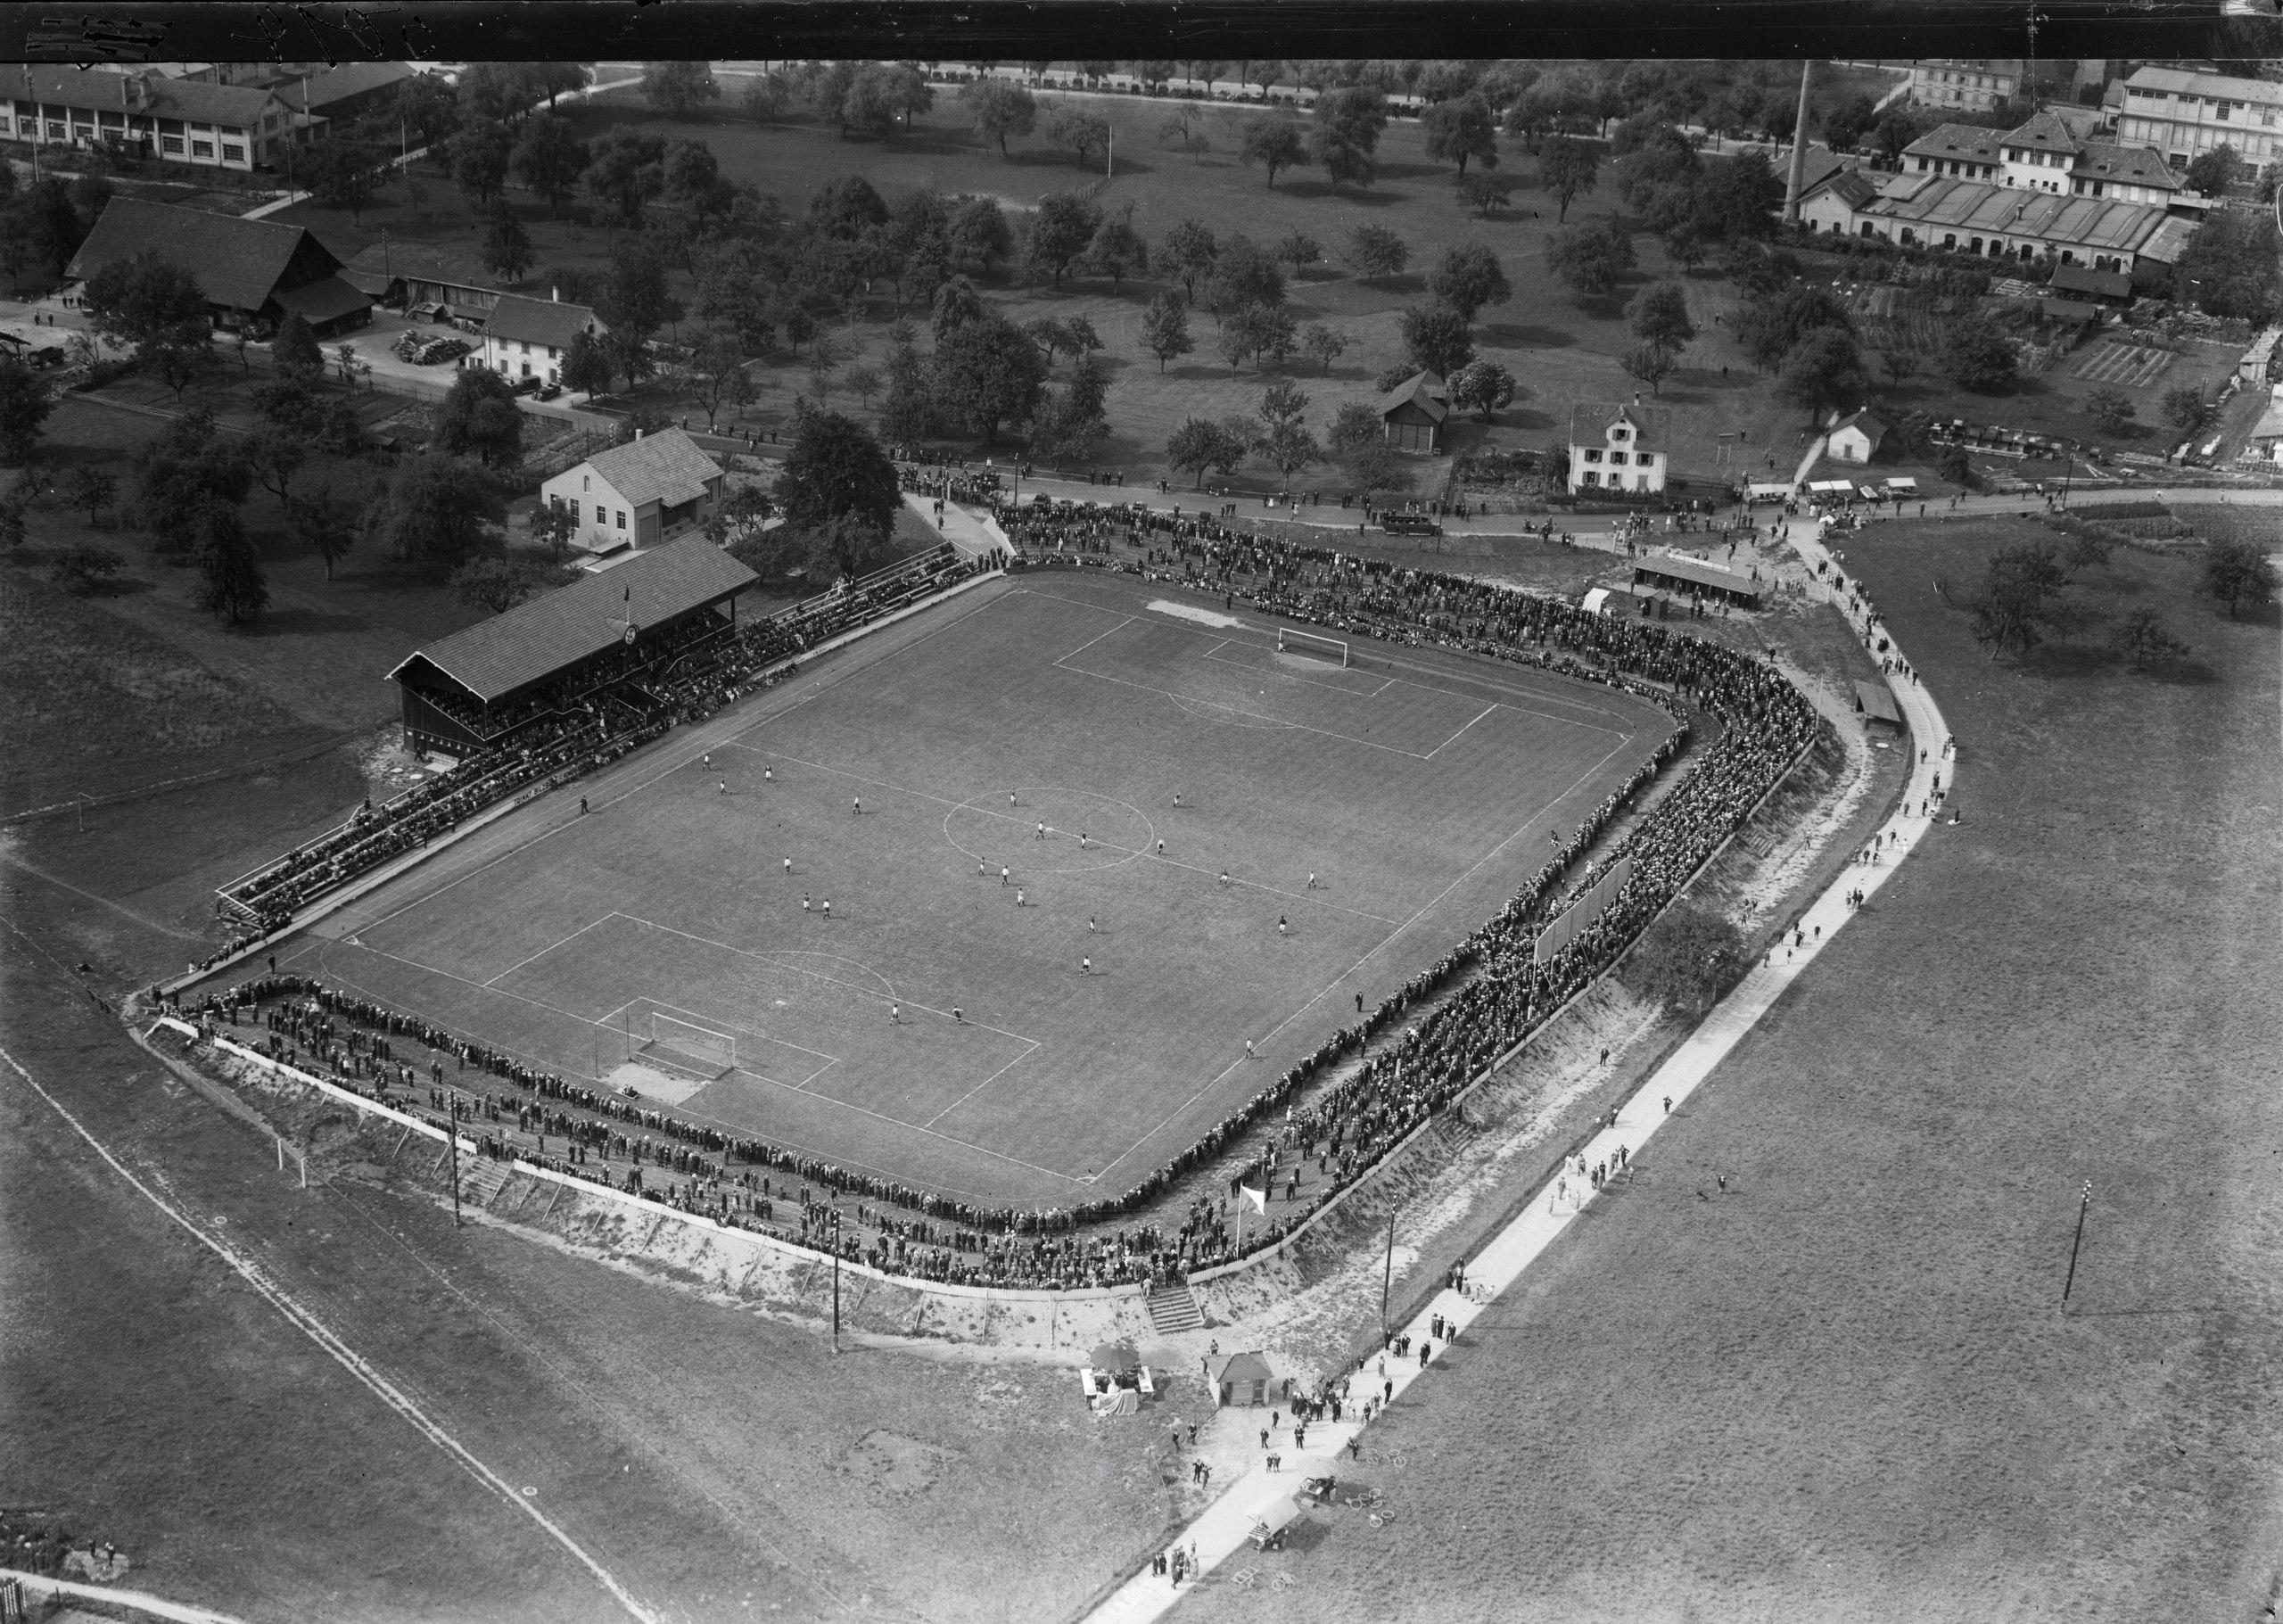 Stadion im Jahr 1925 auf einem Luftbild von Walter Mittelholzer